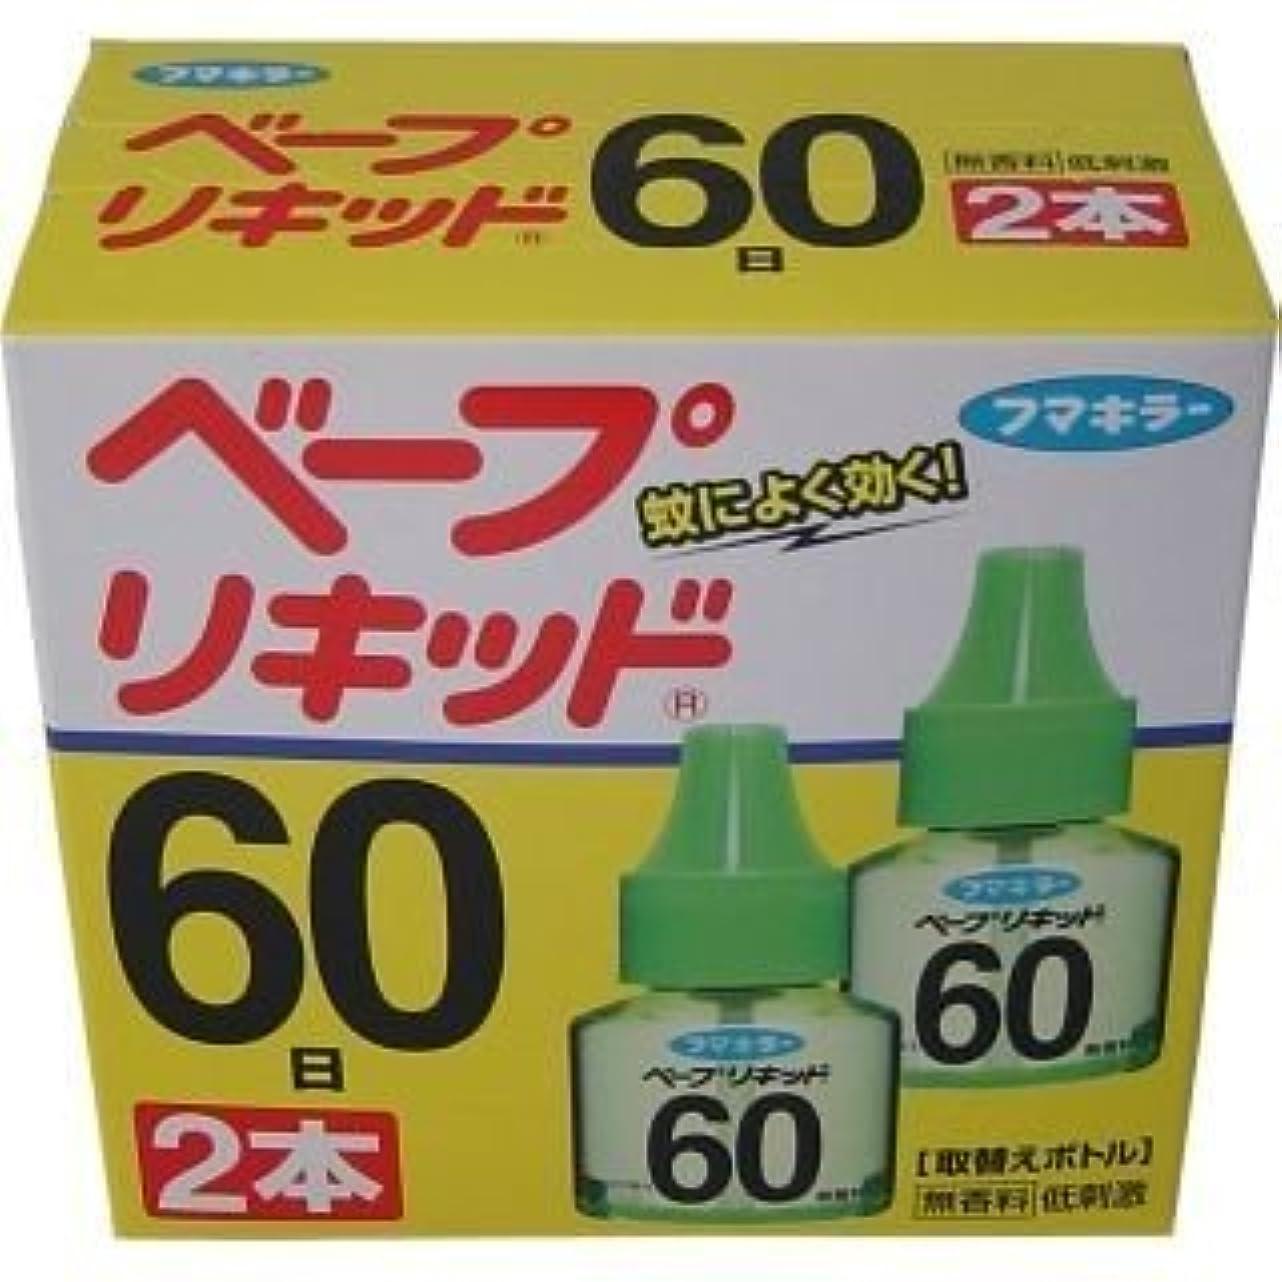 ベープリキッドの、どの器具にも使用できます!蚊によく効く!1本で合計720時間!1日12時間使用の場合、60日間!60日×2本入【3個セット】